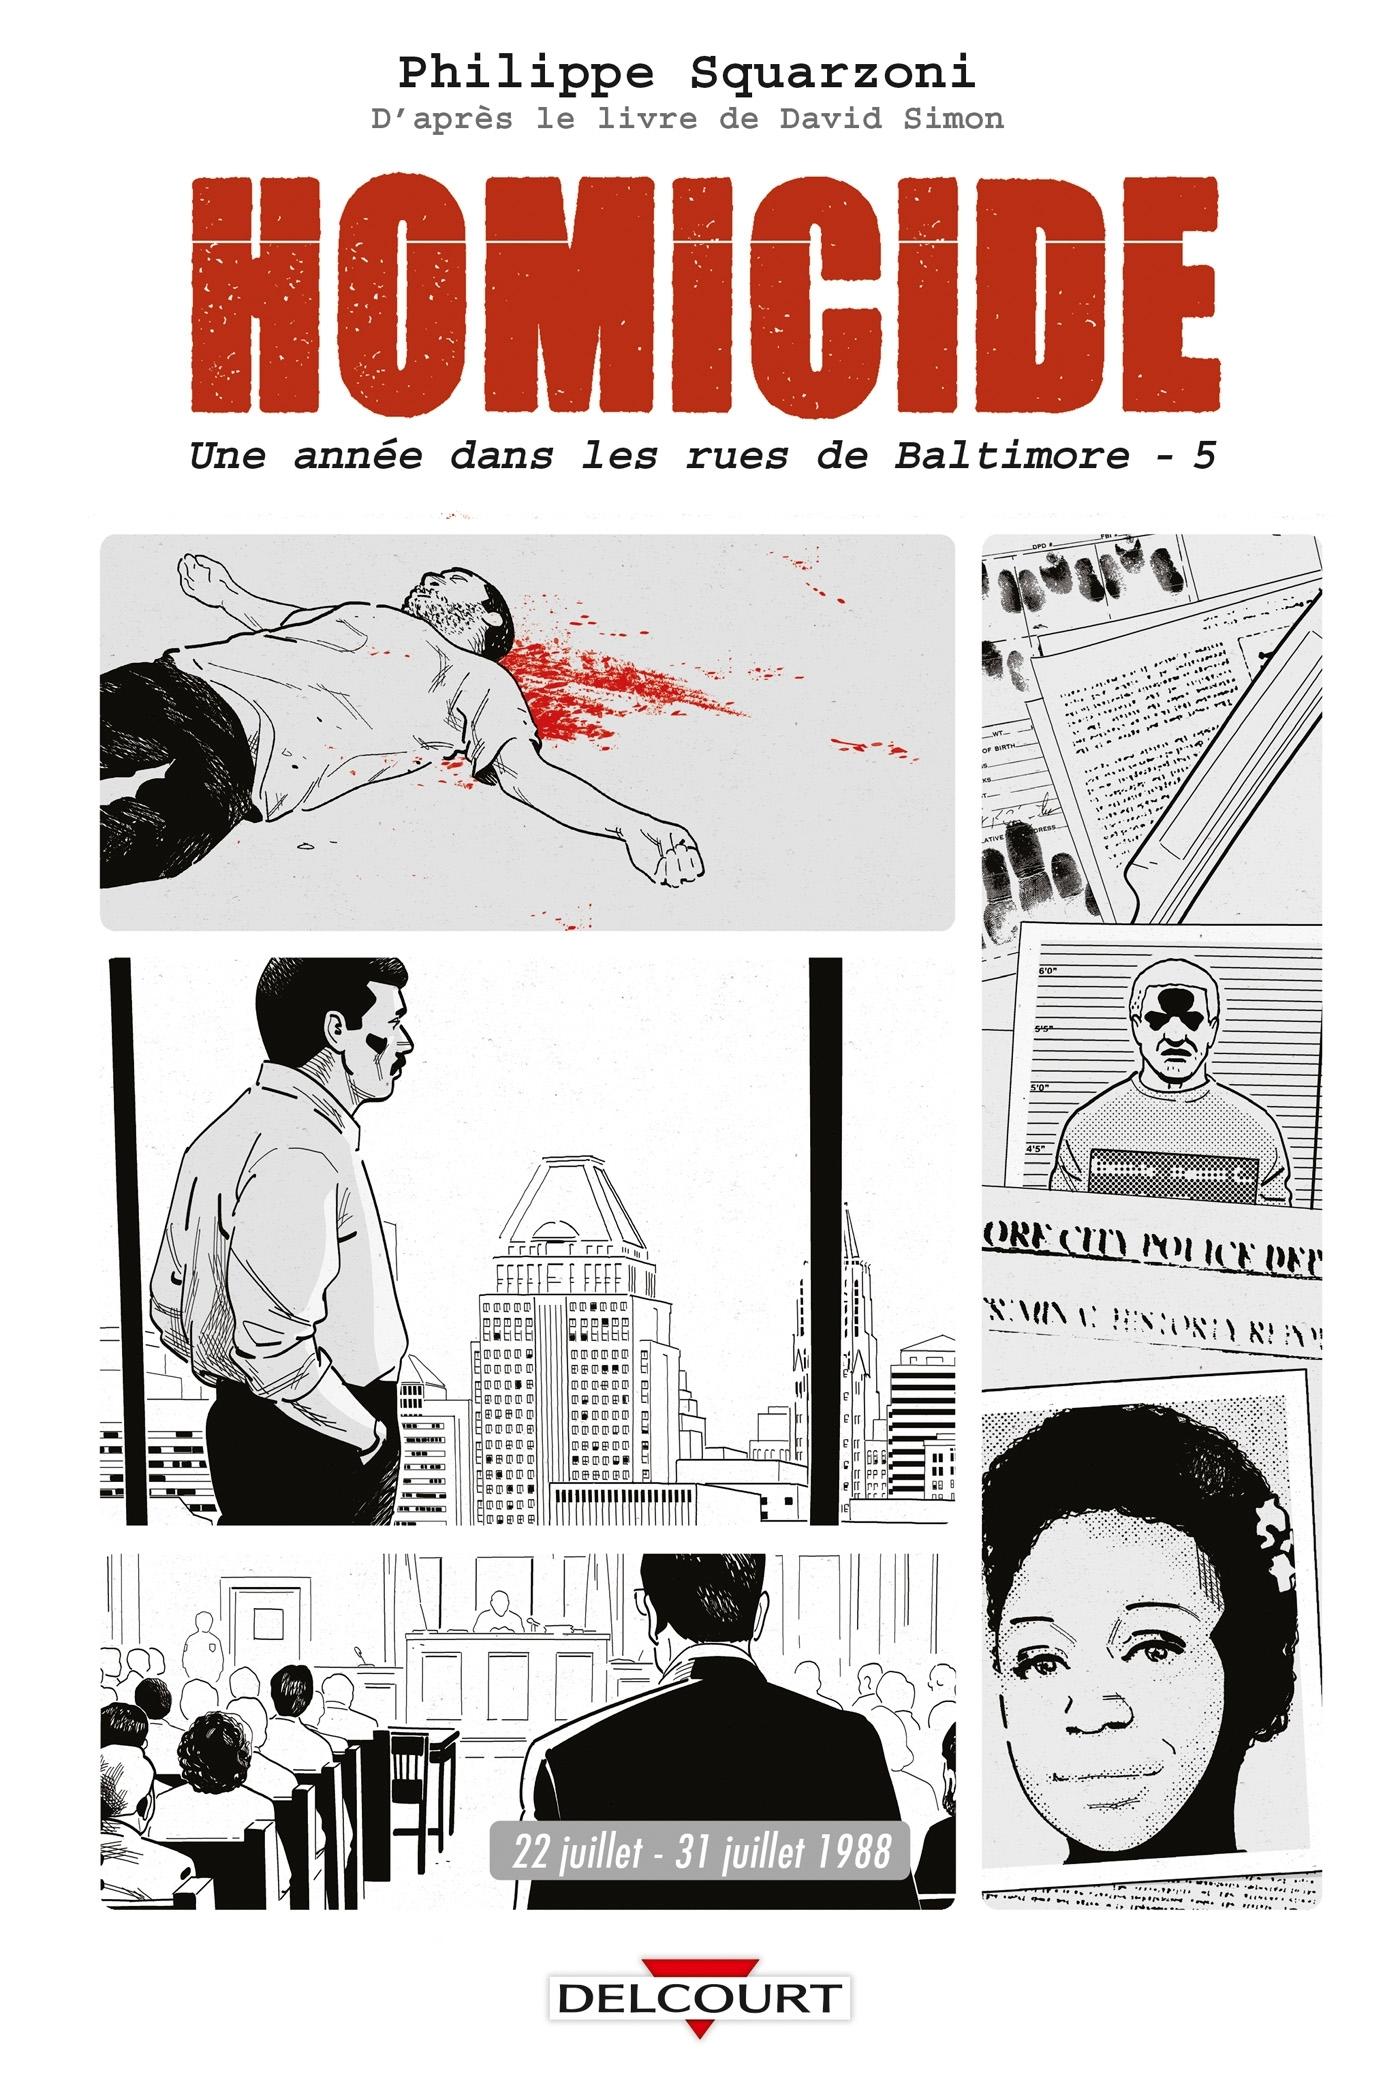 HOMICIDE, UNE ANNEE DANS LES RUES DE BALTIMORE T05 - 22 JUILLET - 31 DECEMBRE 1988